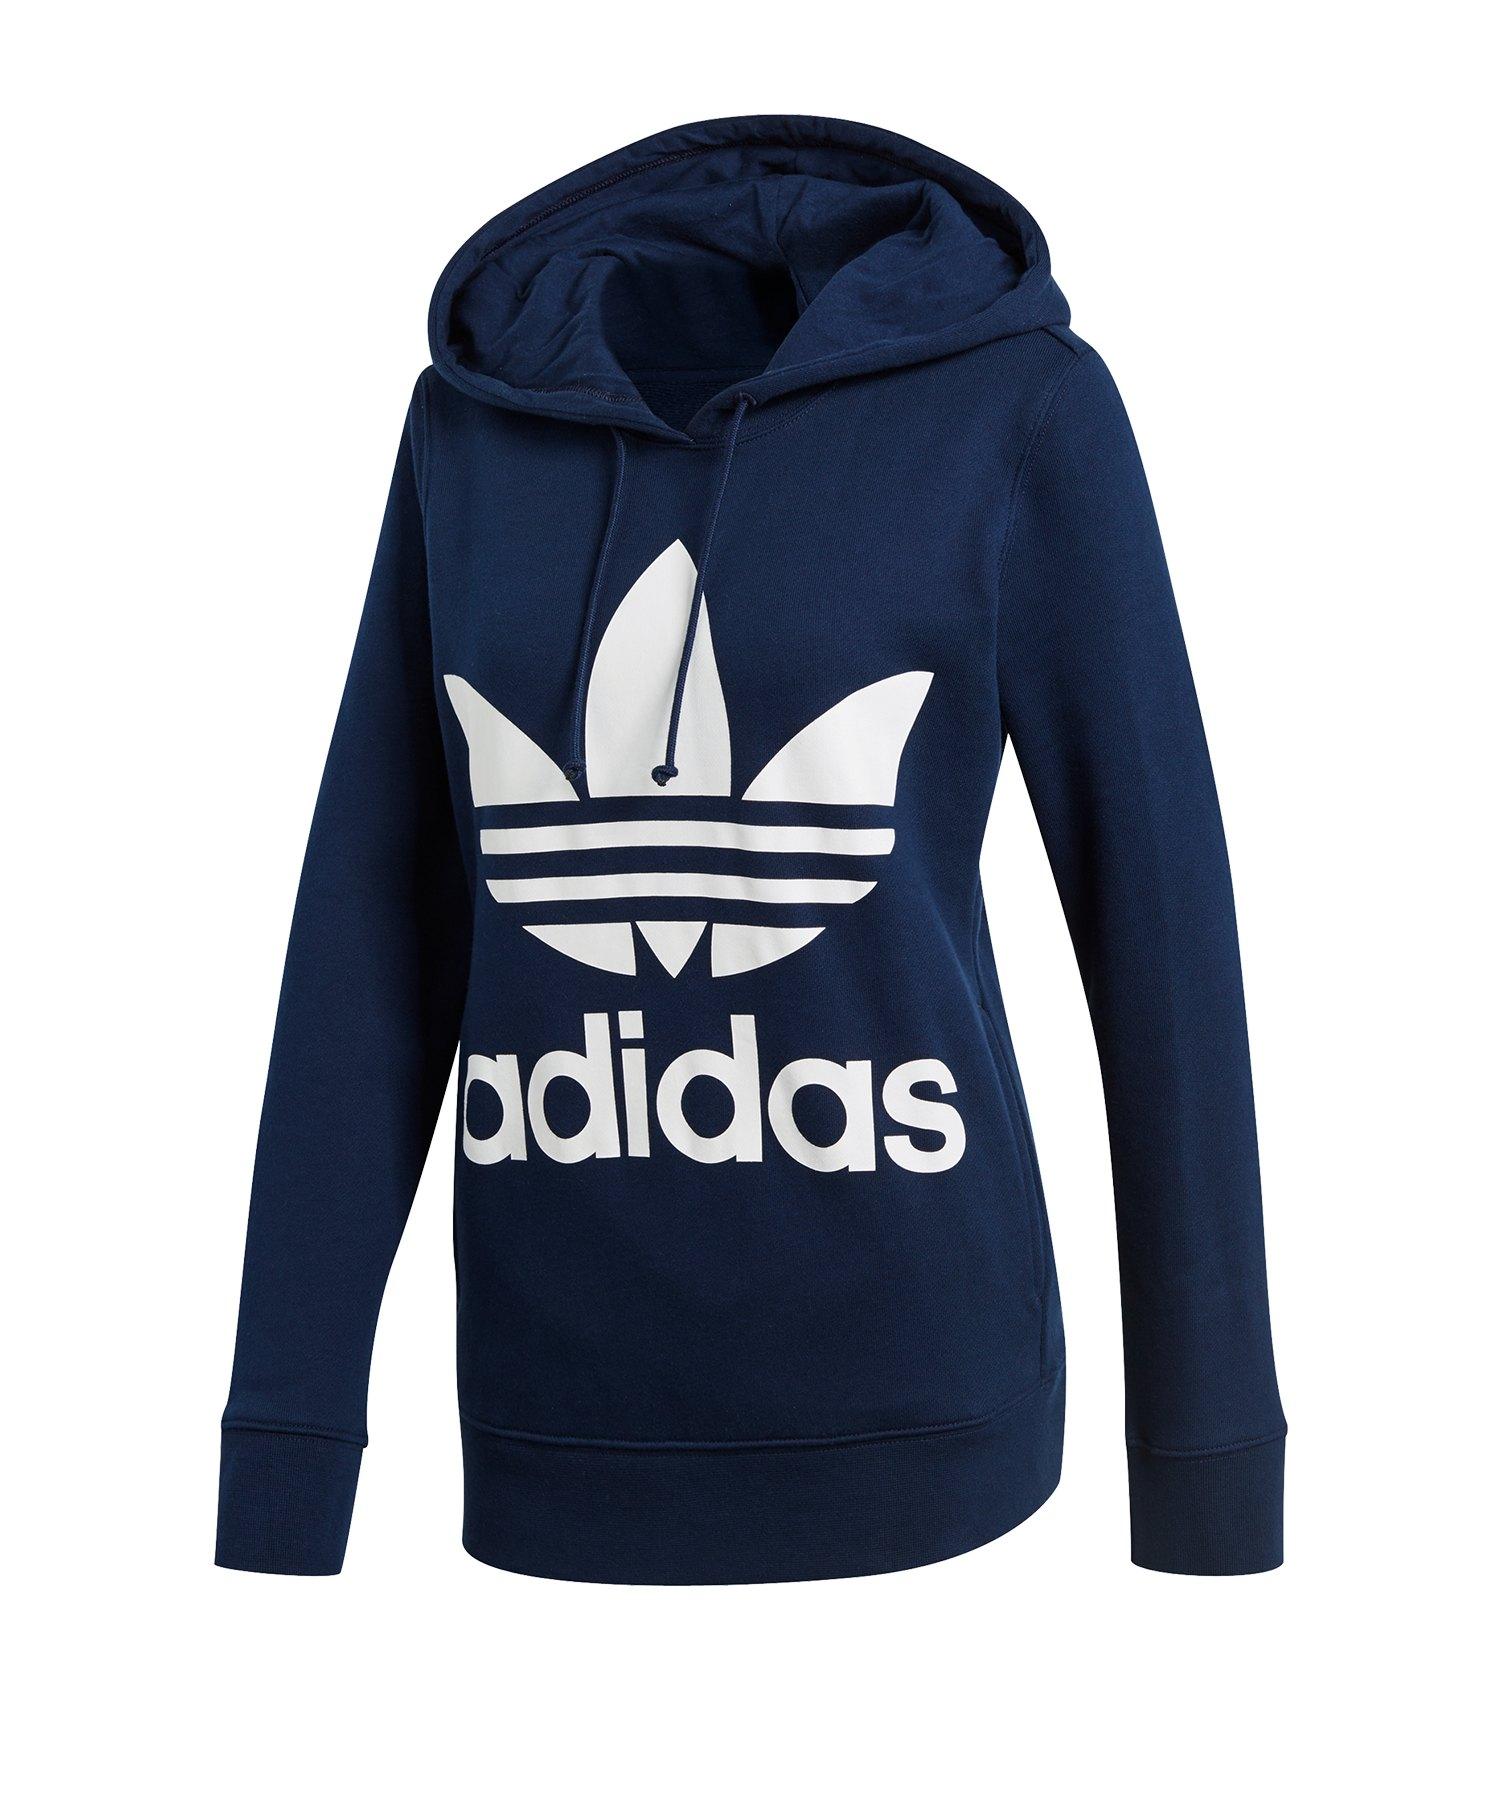 letzte Auswahl Kaufen Sie Authentic großer Rabatt adidas Originals Trefoil Hoody Damen Blau